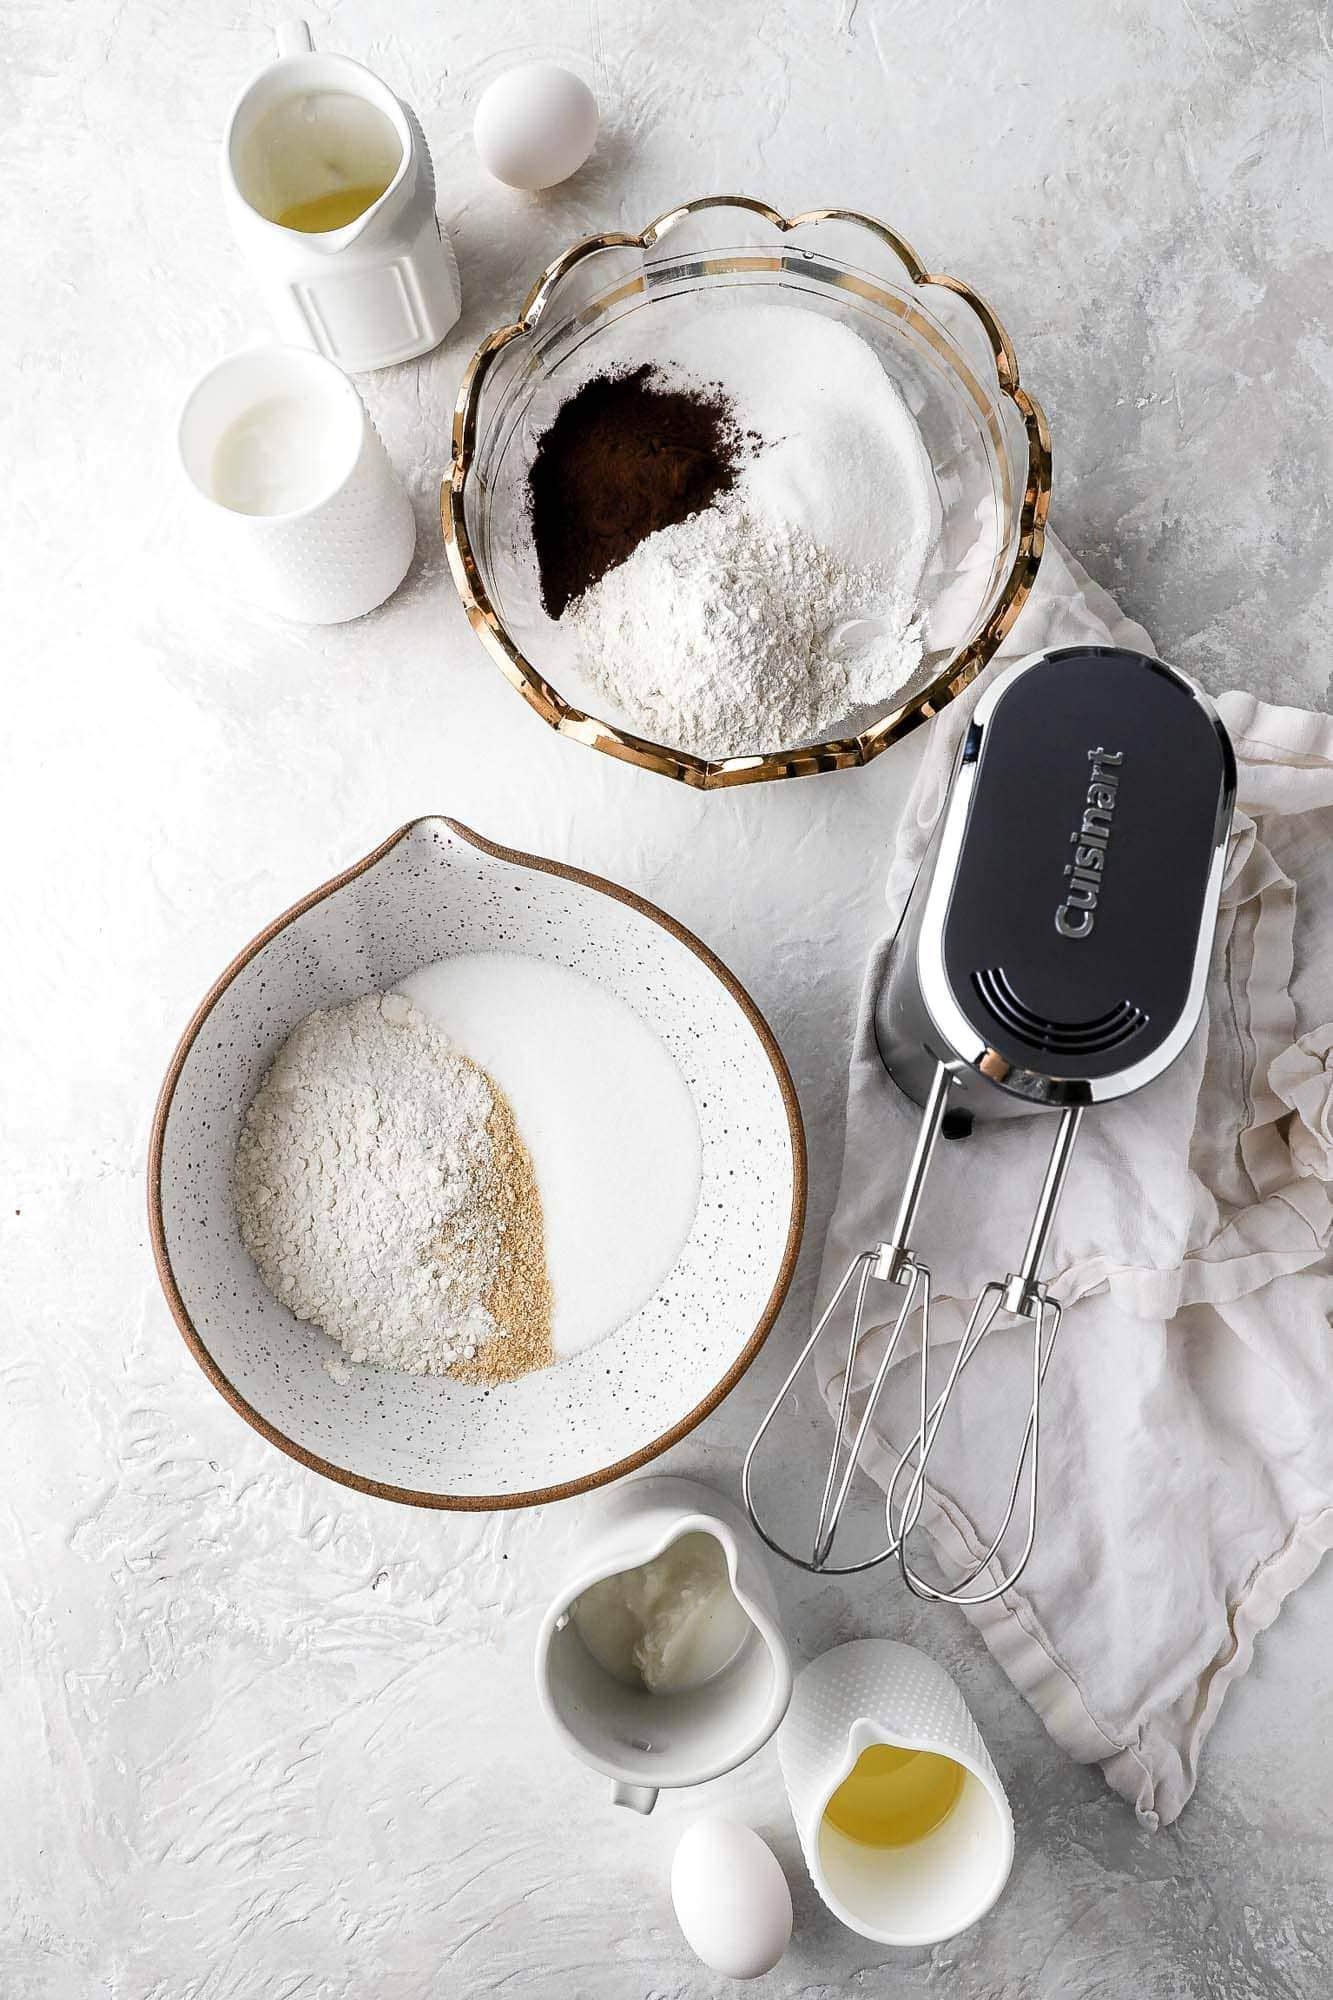 Cuisinart EvolutionX Cordless Hand Mixer